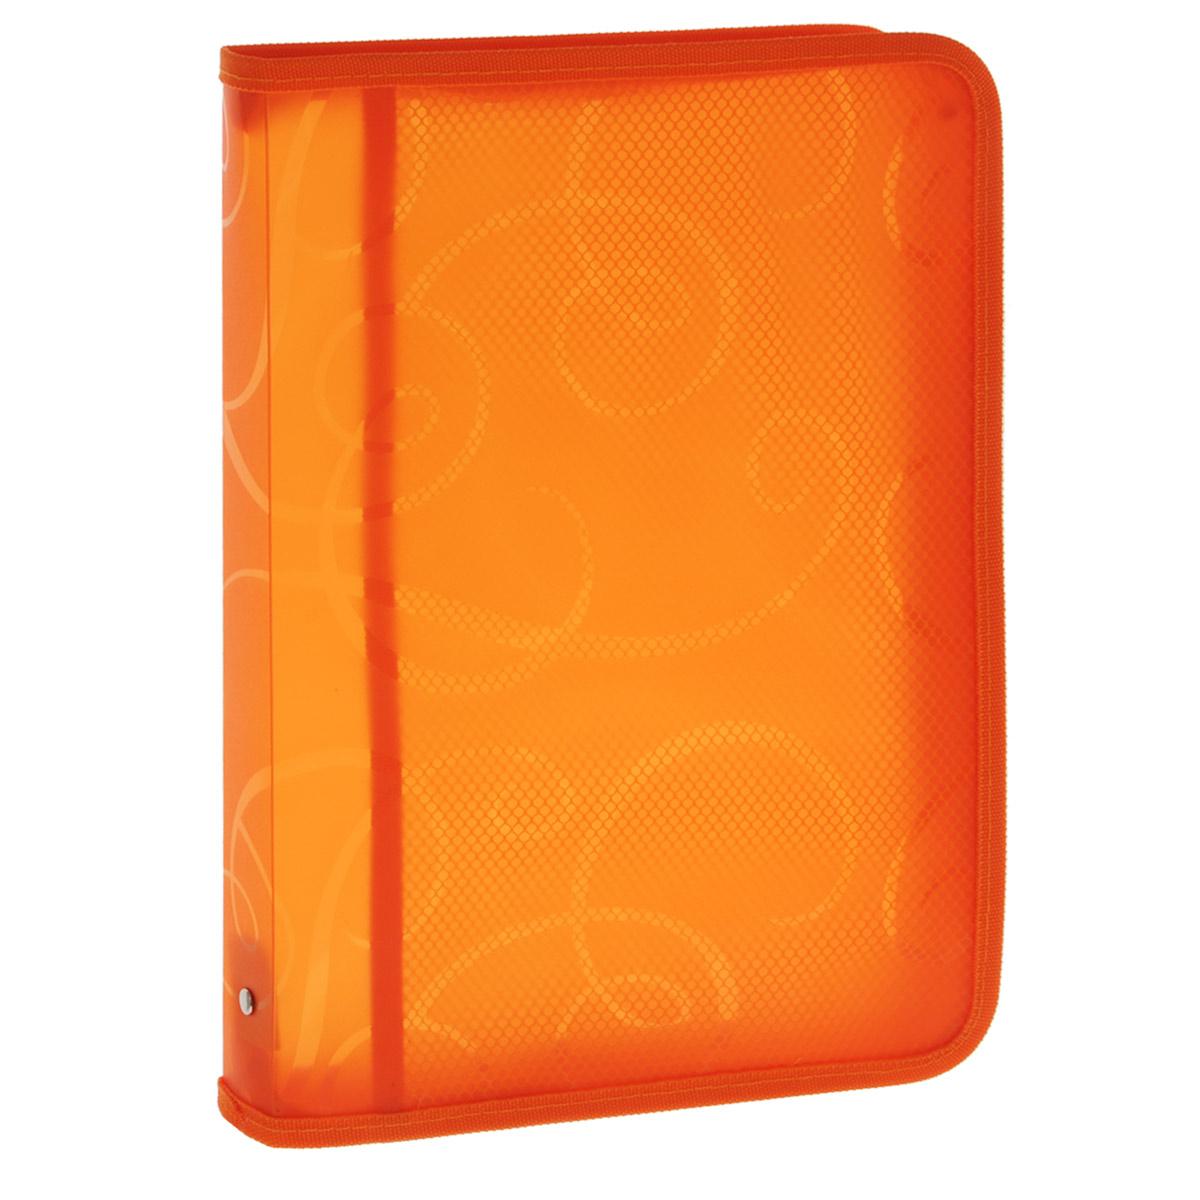 Centrum Папка на молнии цвет оранжевый80900 оранжевыйПапка для тетрадей Centrum - это удобный и функциональный офисный инструмент, предназначенный для хранения и транспортировки рабочих бумаг и документов формата А4, а также тетрадей и канцелярских принадлежностей. Папка изготовлена из прочного высококачественного пластика, закрывается на круговую застежку-молнию. Папка состоит из одного отделения, внутри расположен открытый карман-сеточка. Папка оформлена оригинальным принтом в виде спиралей. Папка имеет опрятный и неброский вид. Края папки отделаны полиэстером, а уголки имеют закругленную форму, что предотвращает их загибание и помогает надолго сохранить опрятный вид обложки. Папка - это незаменимый атрибут для любого студента, школьника или офисного работника. Такая папка надежно сохранит ваши бумаги и сбережет их от повреждений, пыли и влаги.